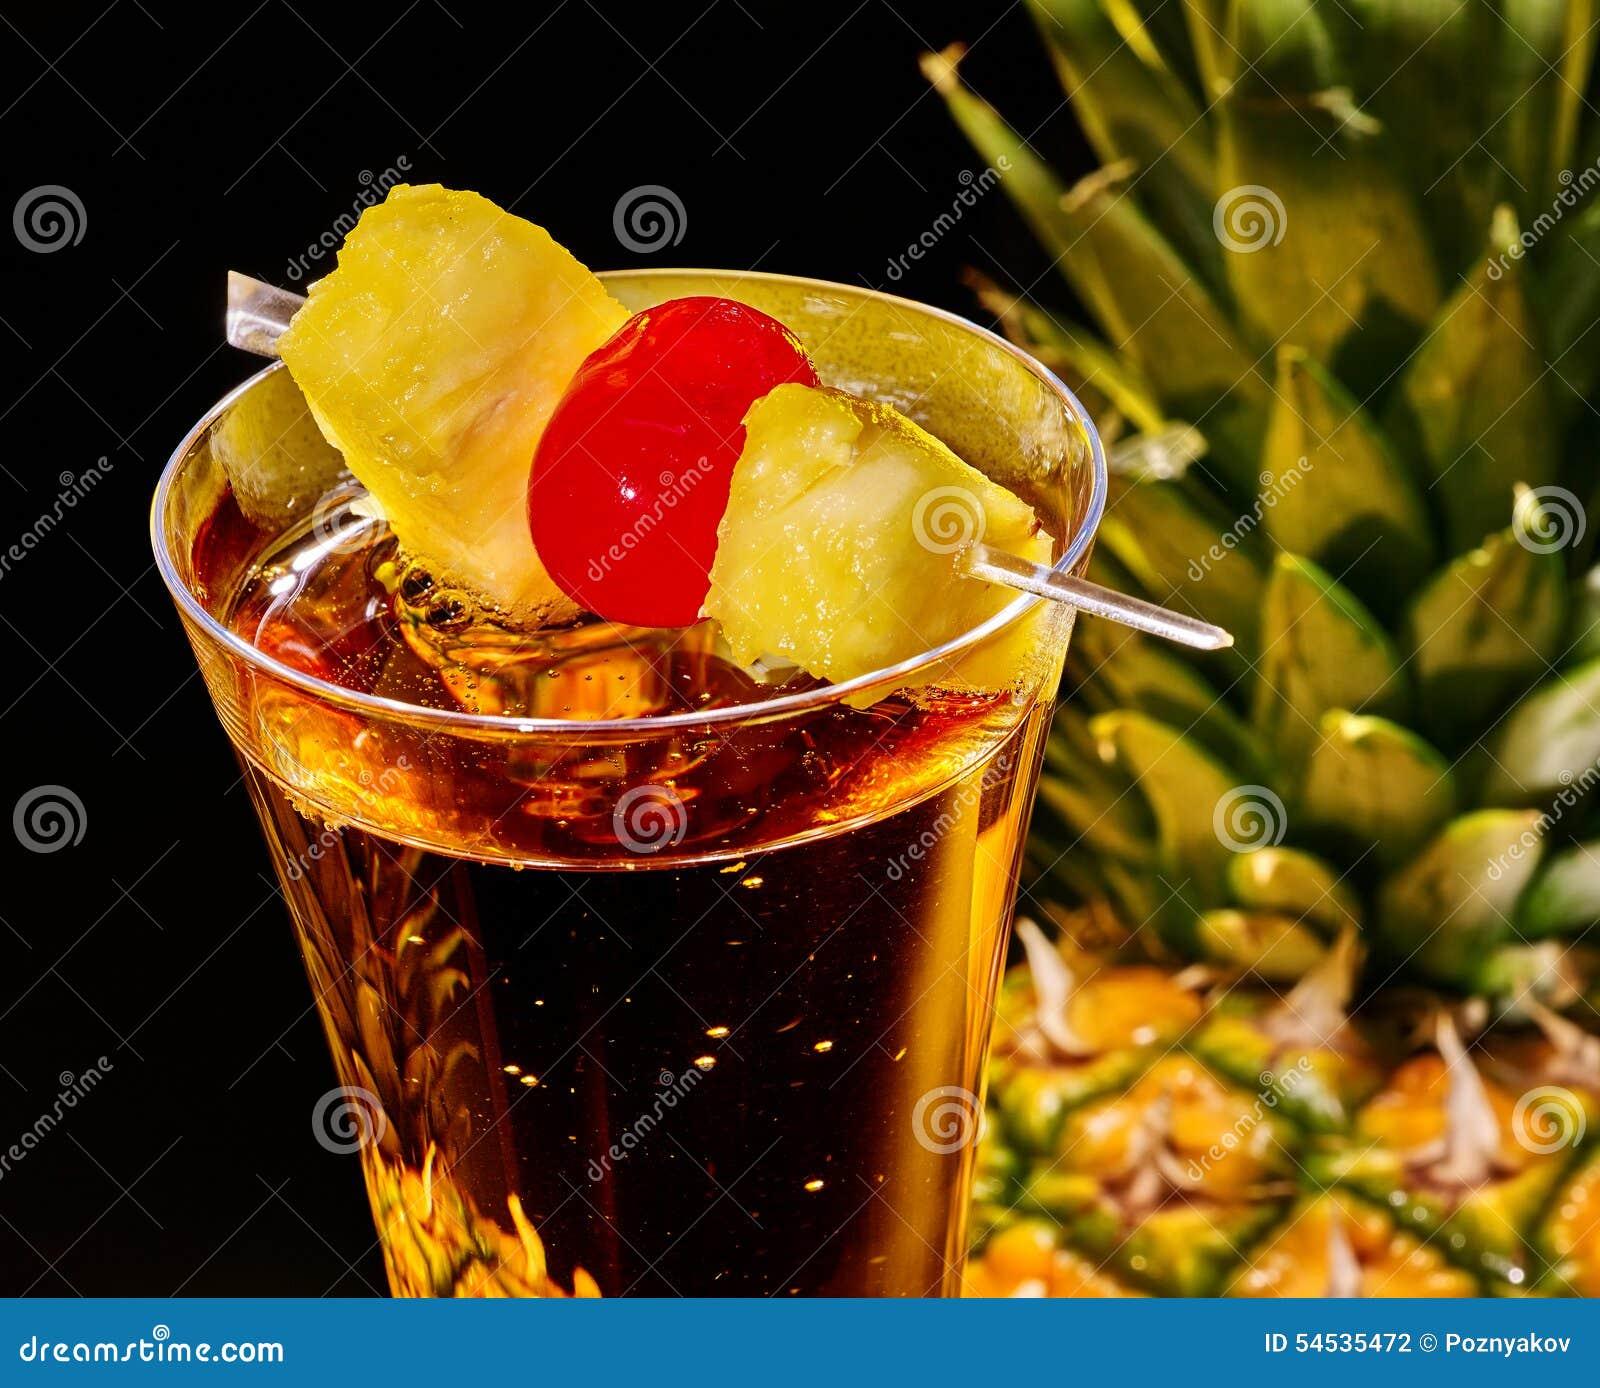 cocktail de champagne avec la cerise et l 39 ananas photo stock image 54535472. Black Bedroom Furniture Sets. Home Design Ideas